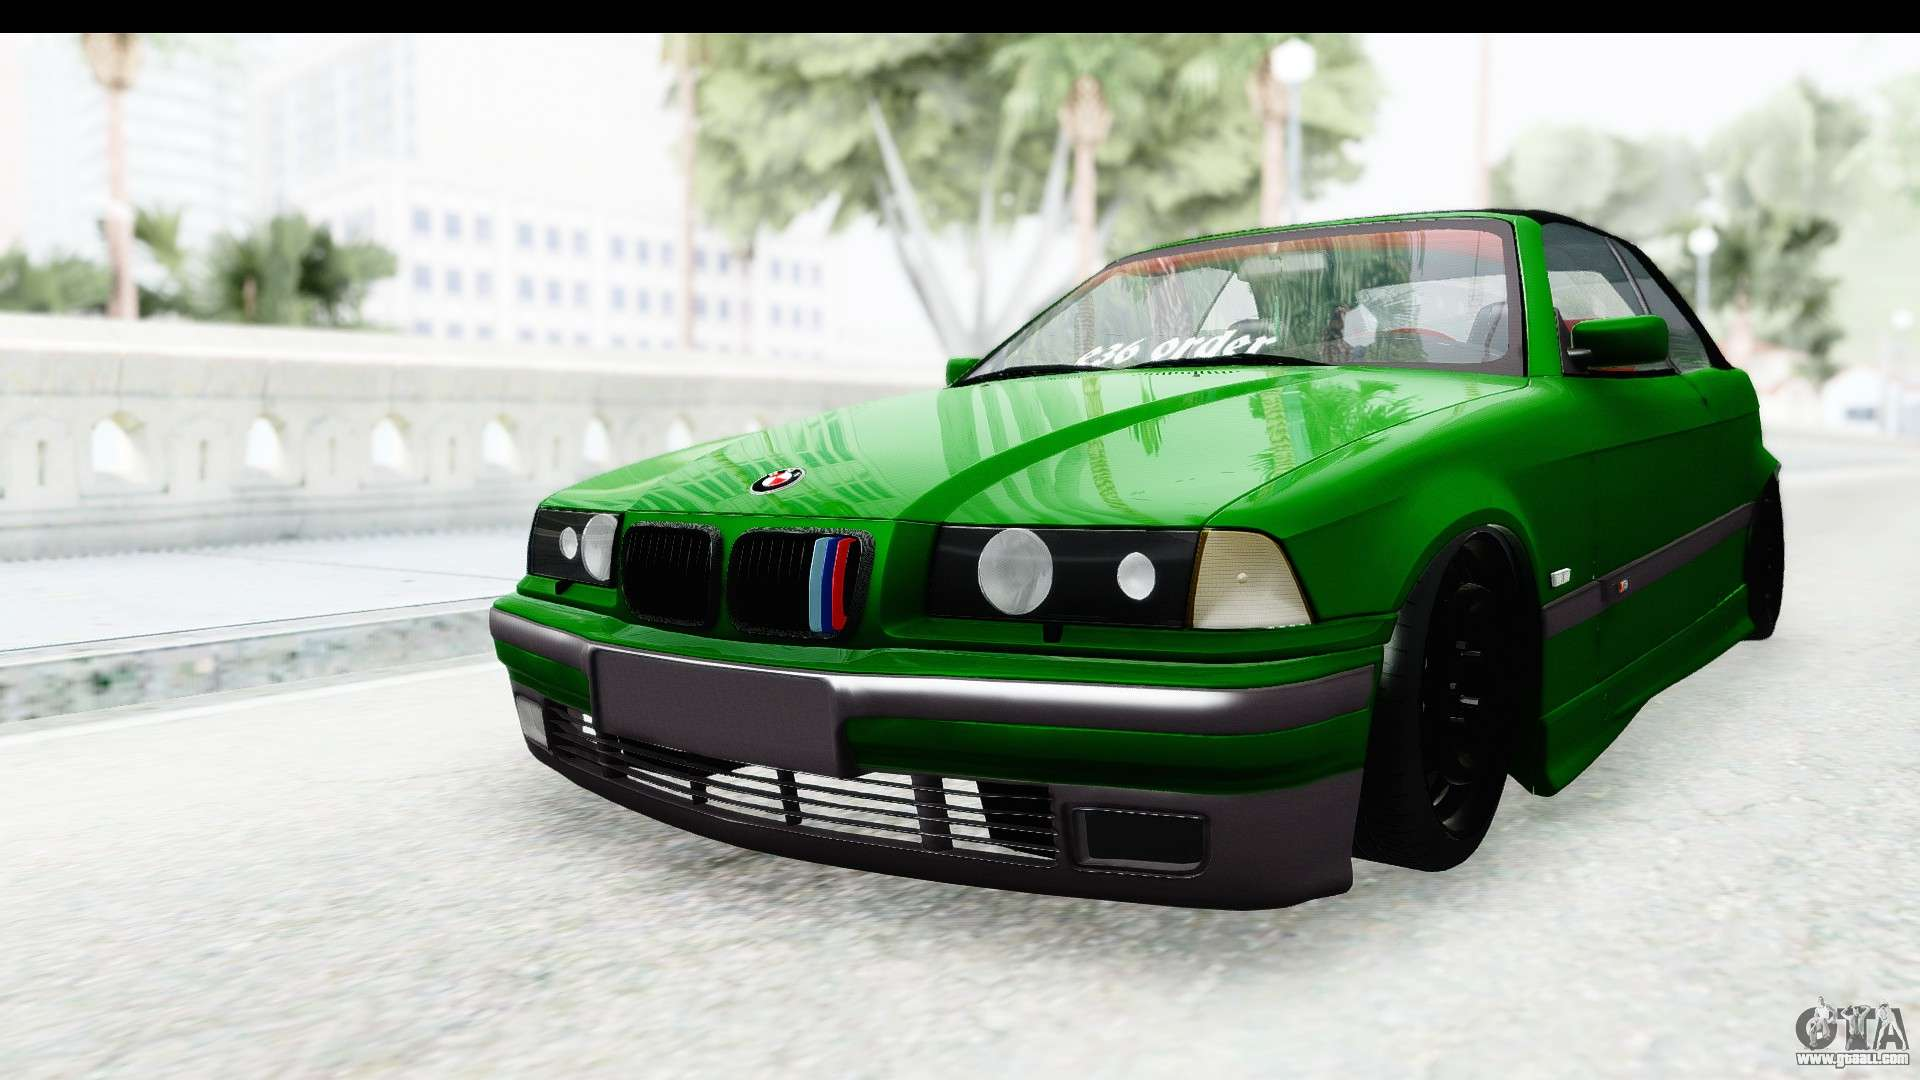 100 Bmw M3 E36 Review And Bmw M3 E36 Sloboz Edition